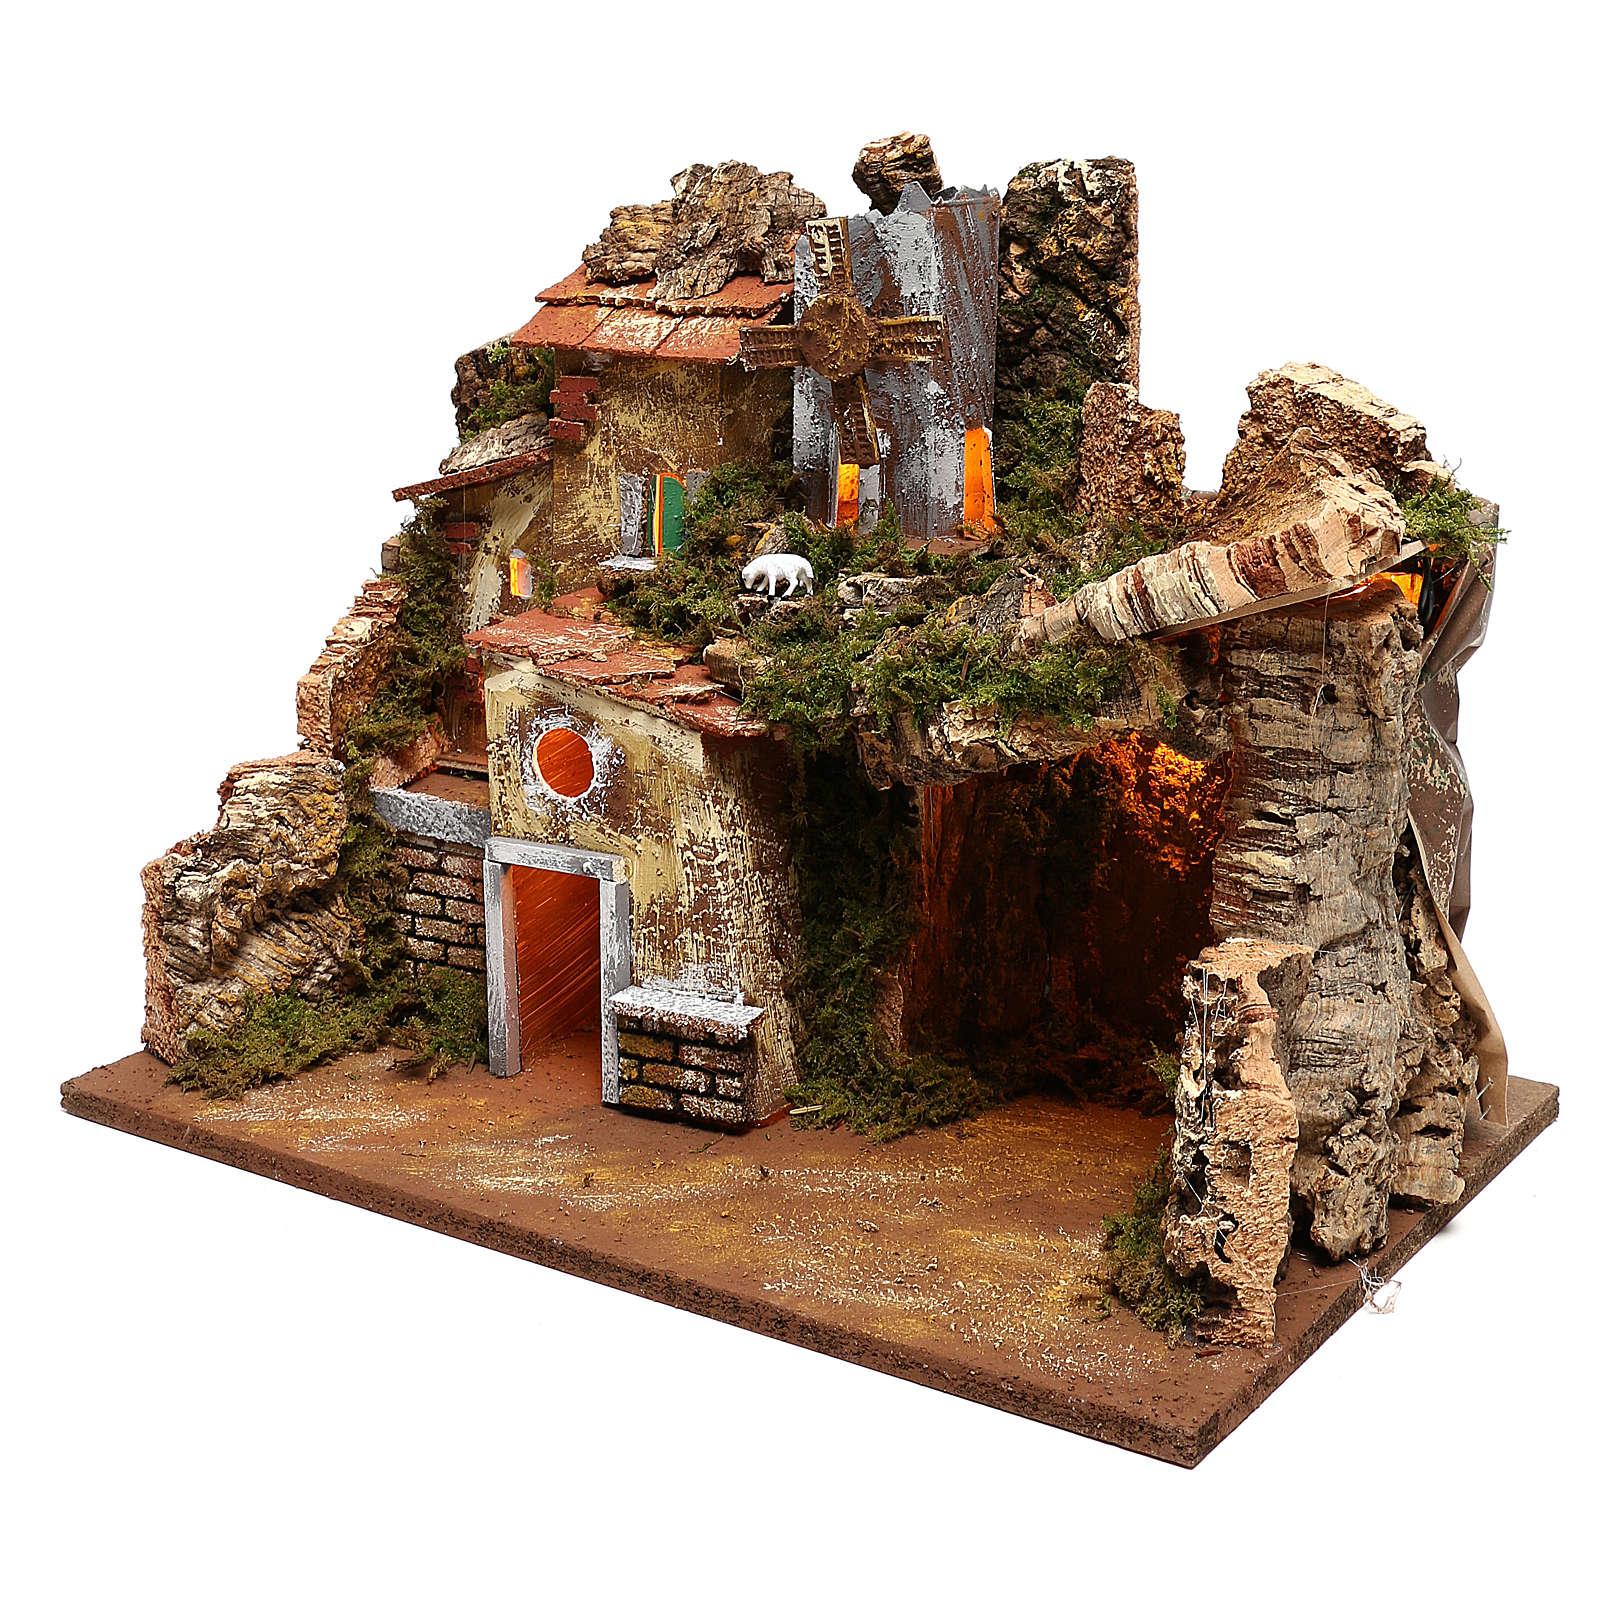 Paysage maisons et moulin à vent électrique crèche 9 cm 4